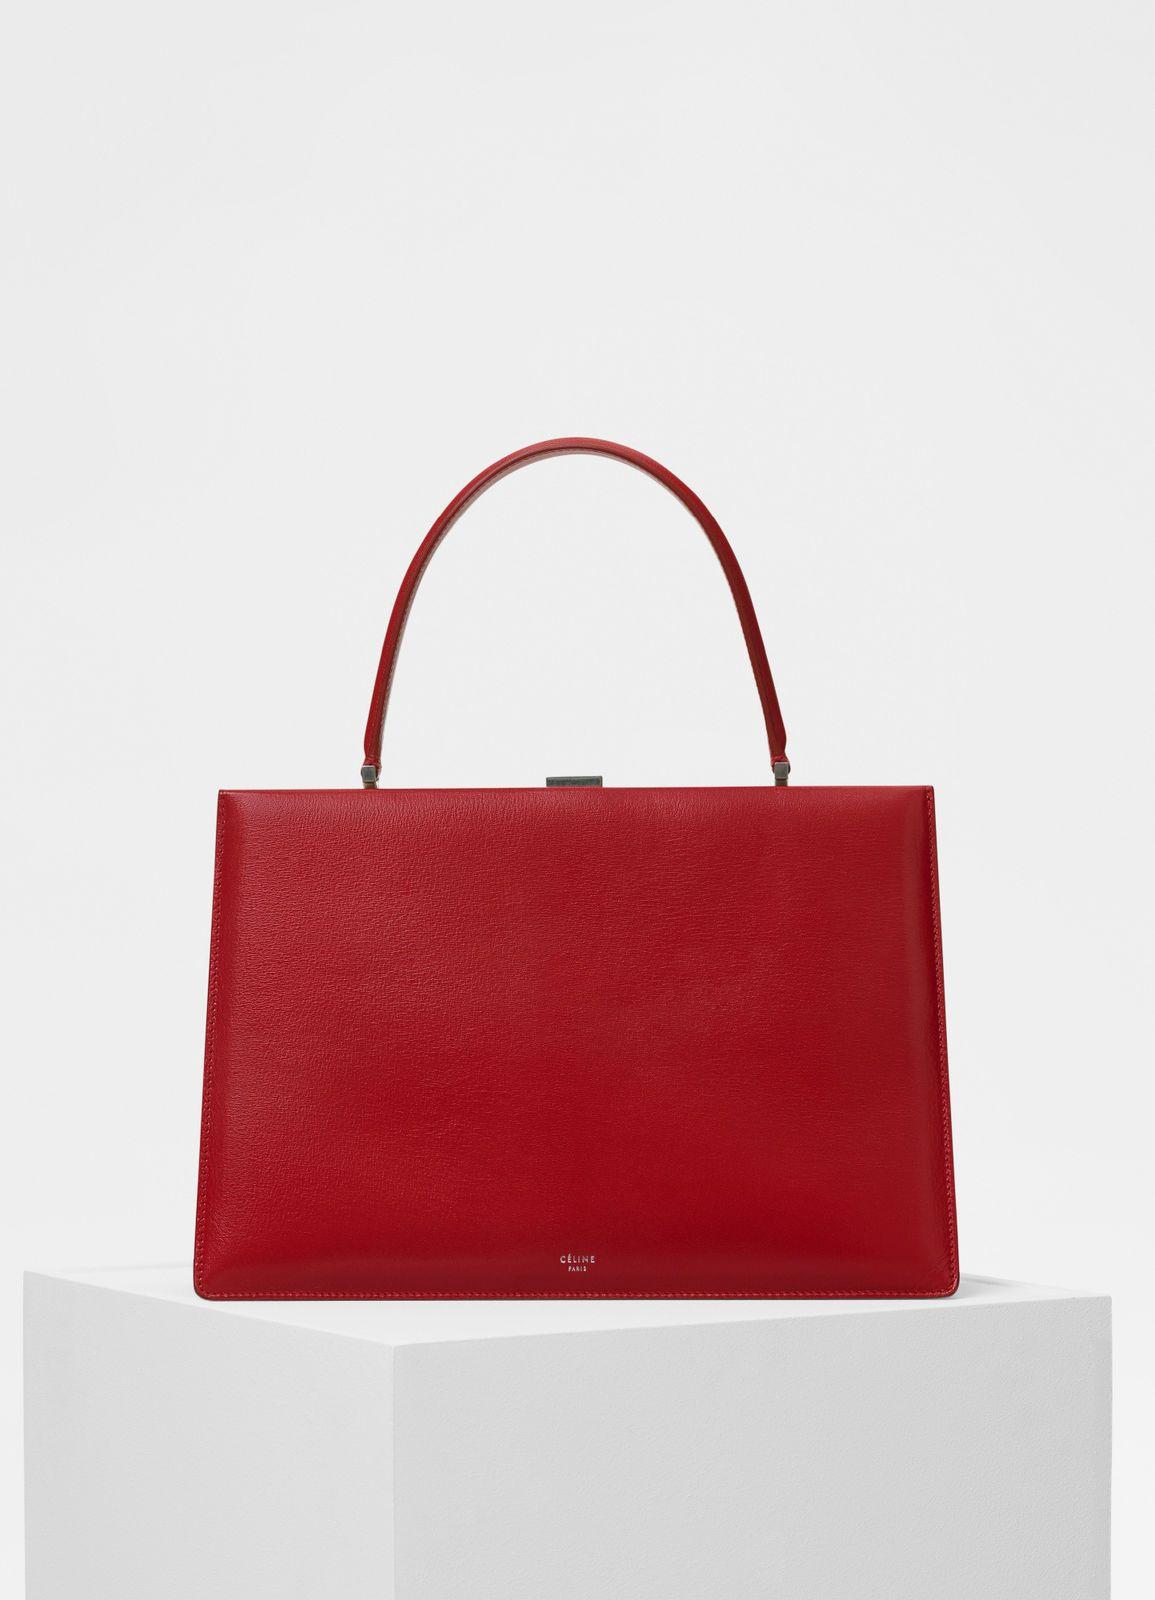 Céline - Medium Clasp handbag in pop red goatskin  46e0e739ab9a1